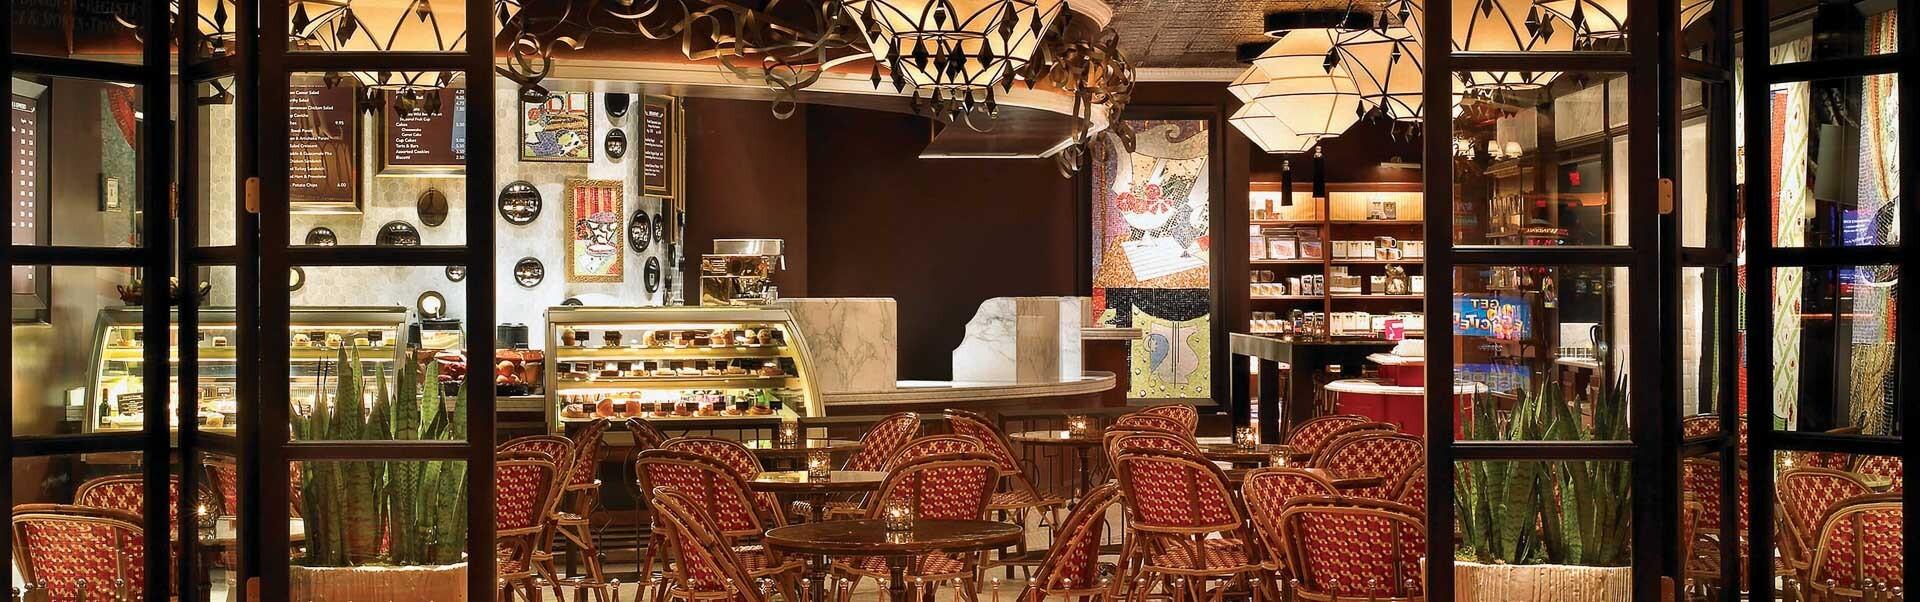 Wynn Las Vegas 内にあるジェラート店   リノ(ネバダ)在住なつさんのおすすめスイーツ・お菓子